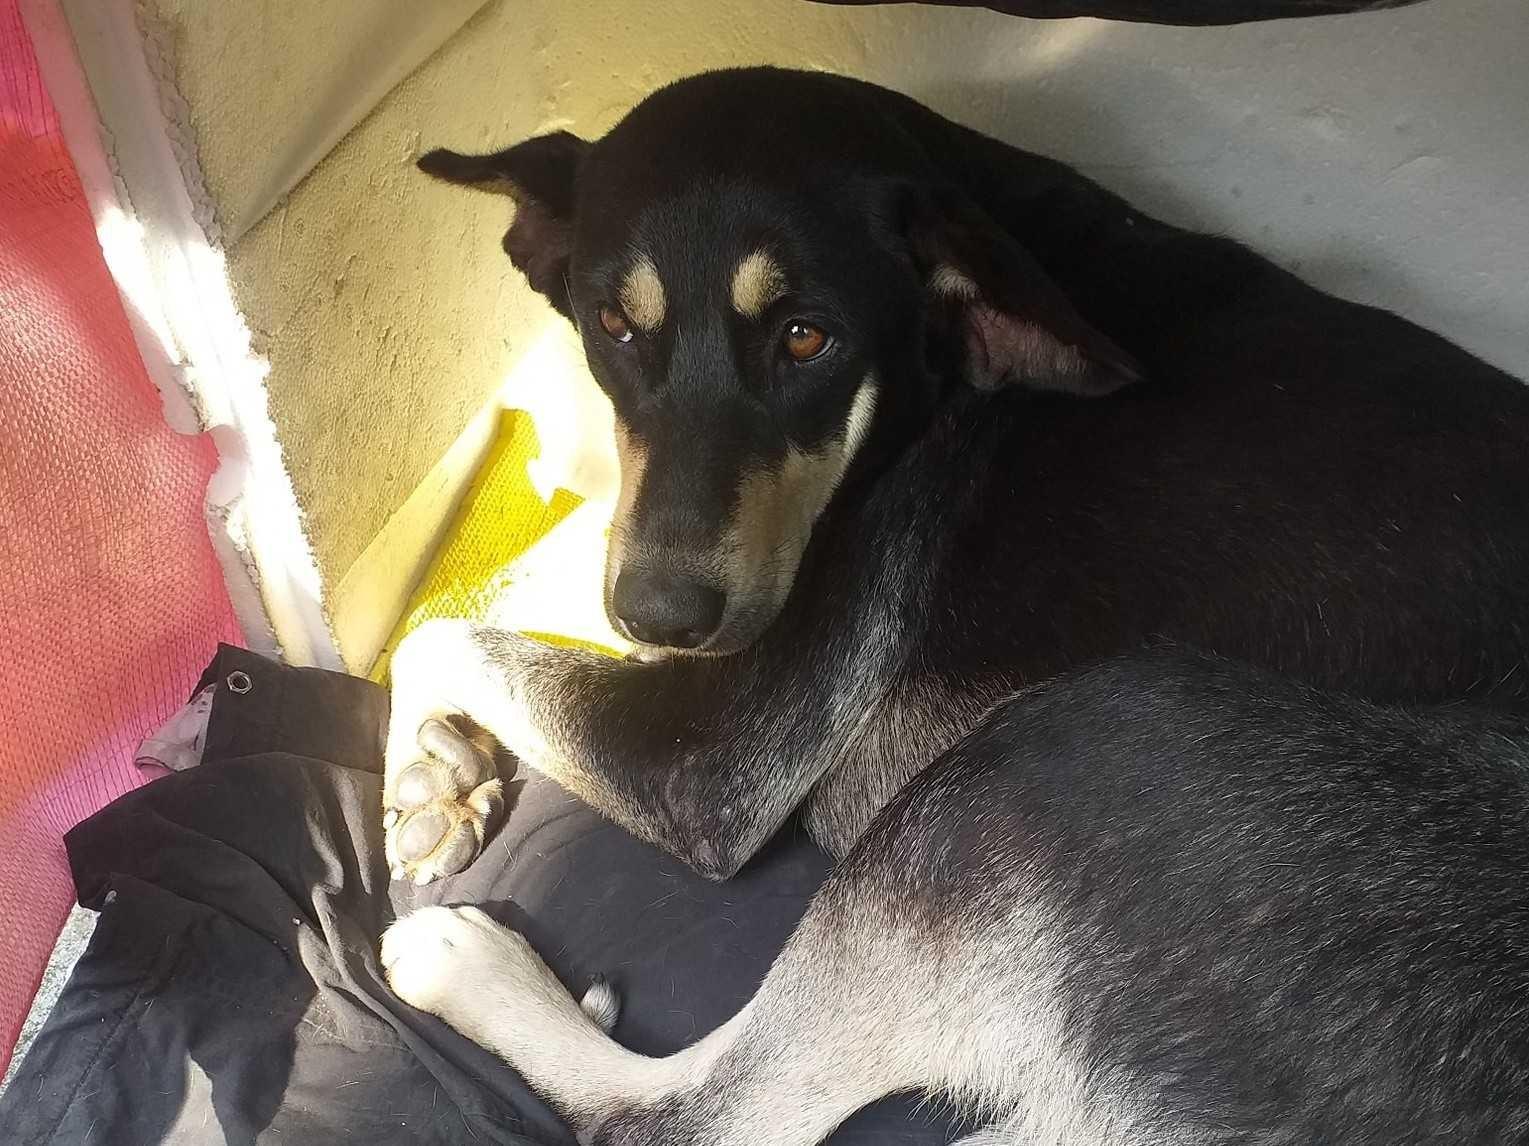 發現一隻受傷害怕的流浪狗 有沒有愛狗人士 能領養這隻毛小孩呢